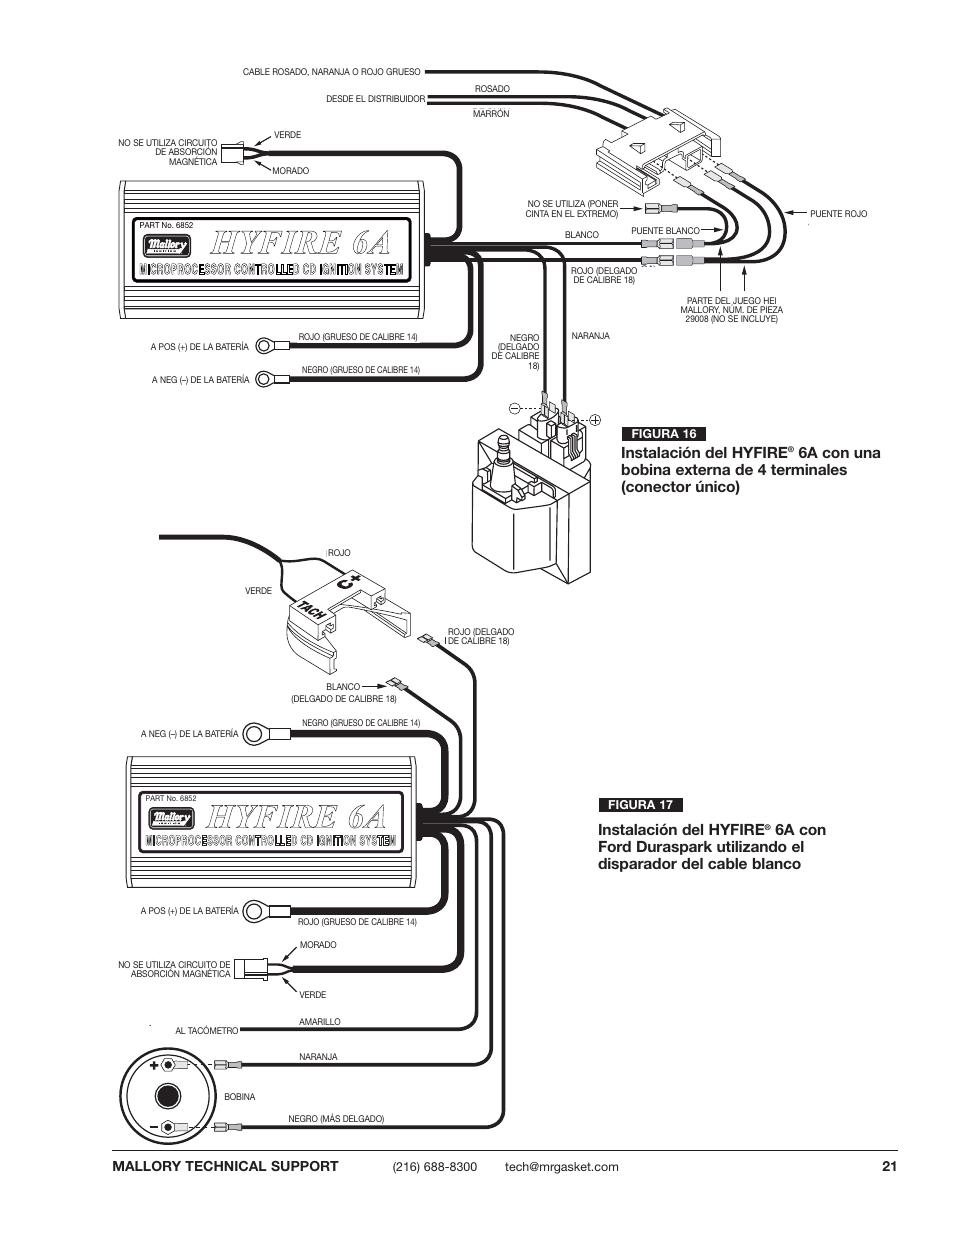 Mallory Hyfire Wiring Diagram For Cj7 - Wiring Diagram DB on